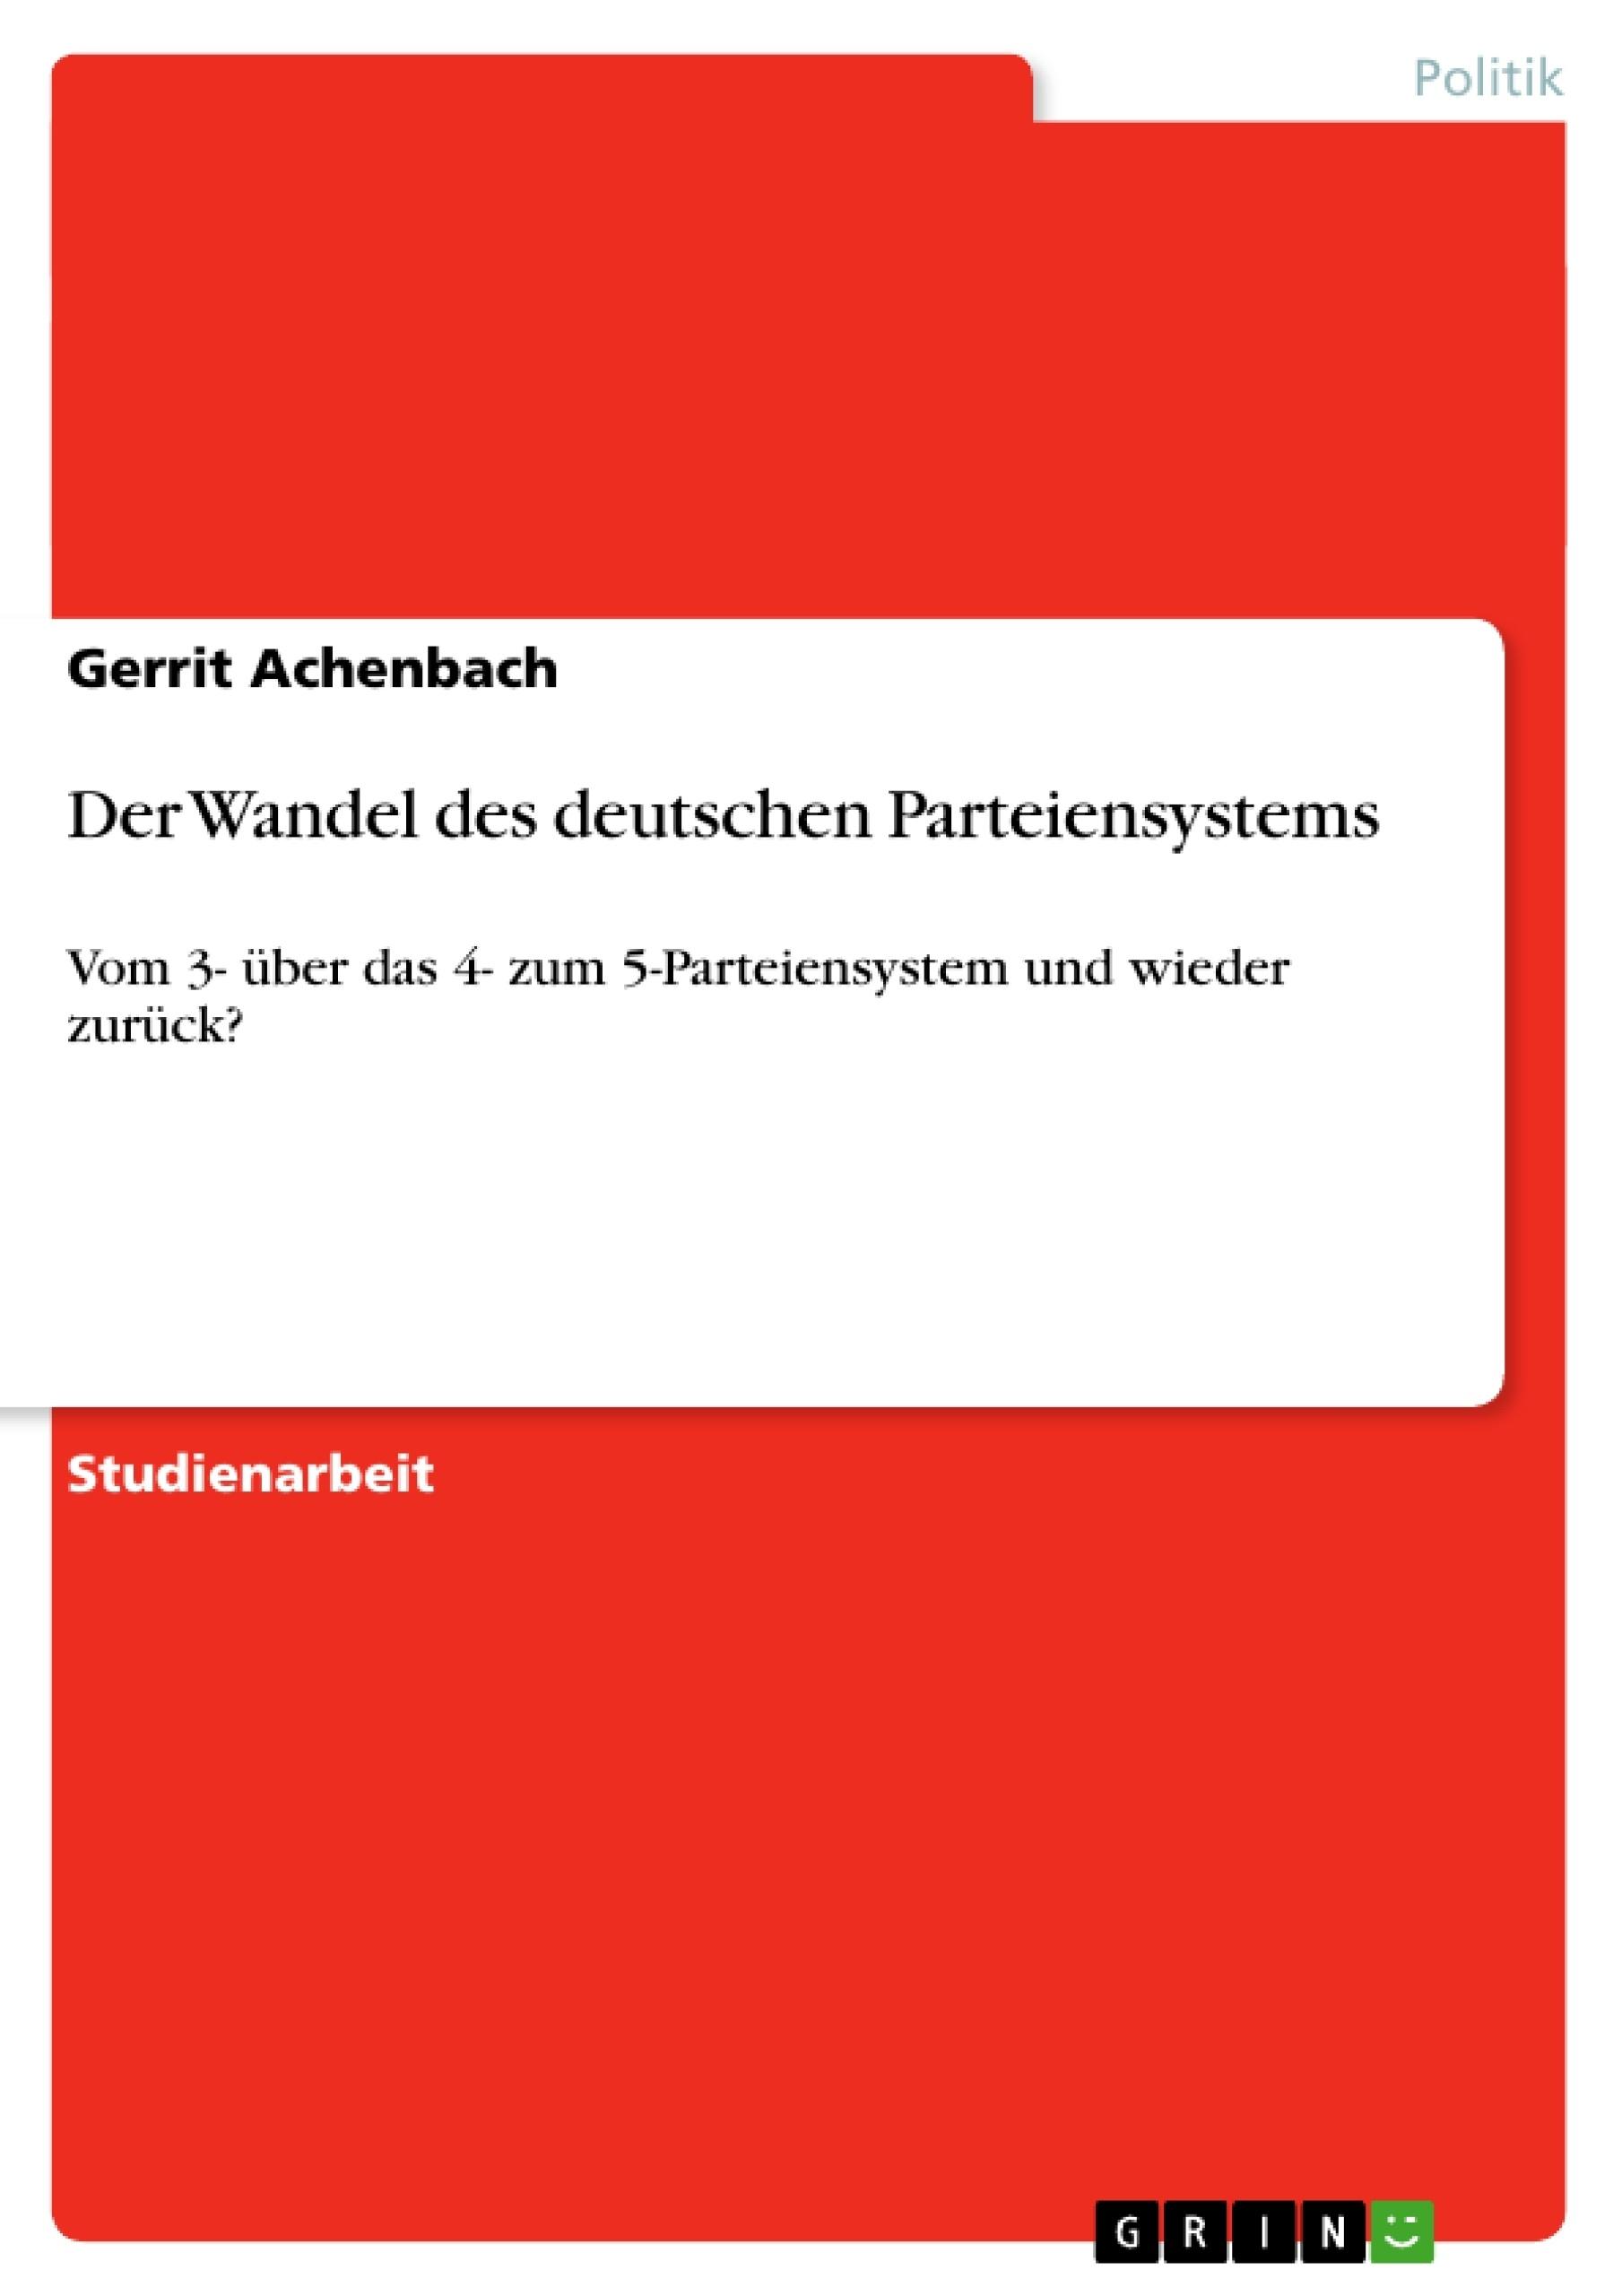 Titel: Der Wandel des deutschen Parteiensystems